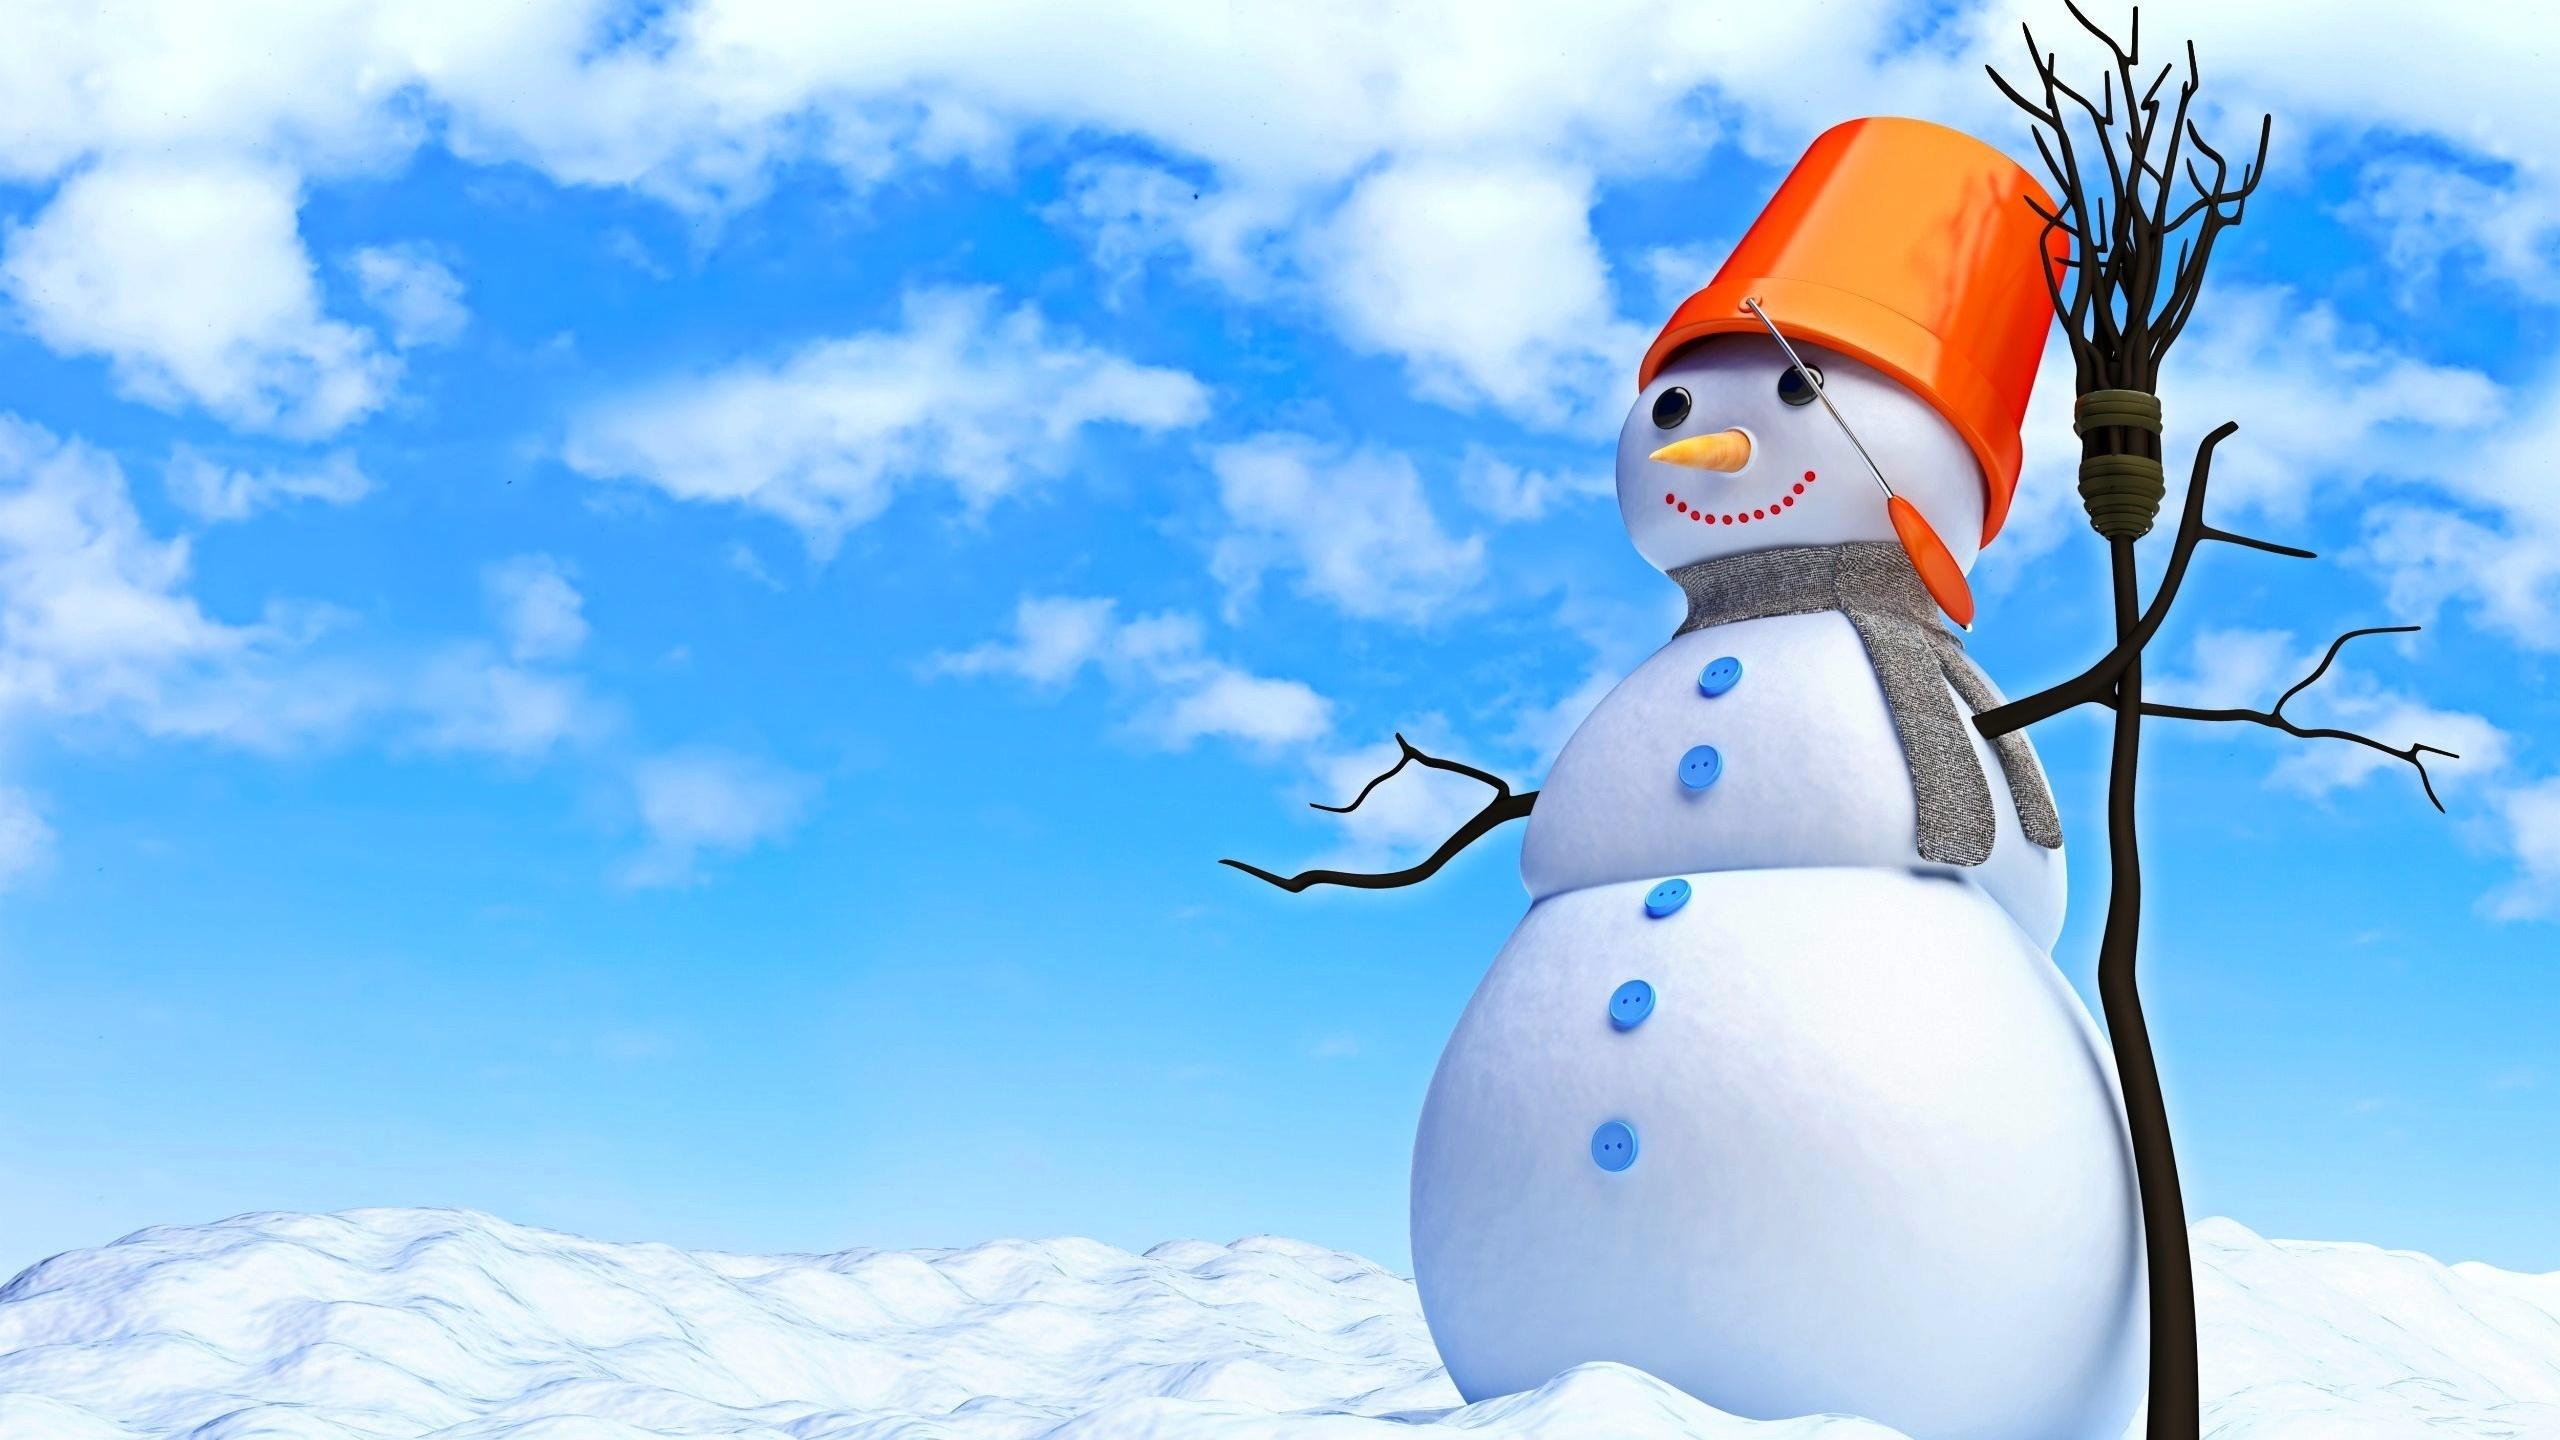 Картинки крутые снеговики, рукоделии картинки картинки